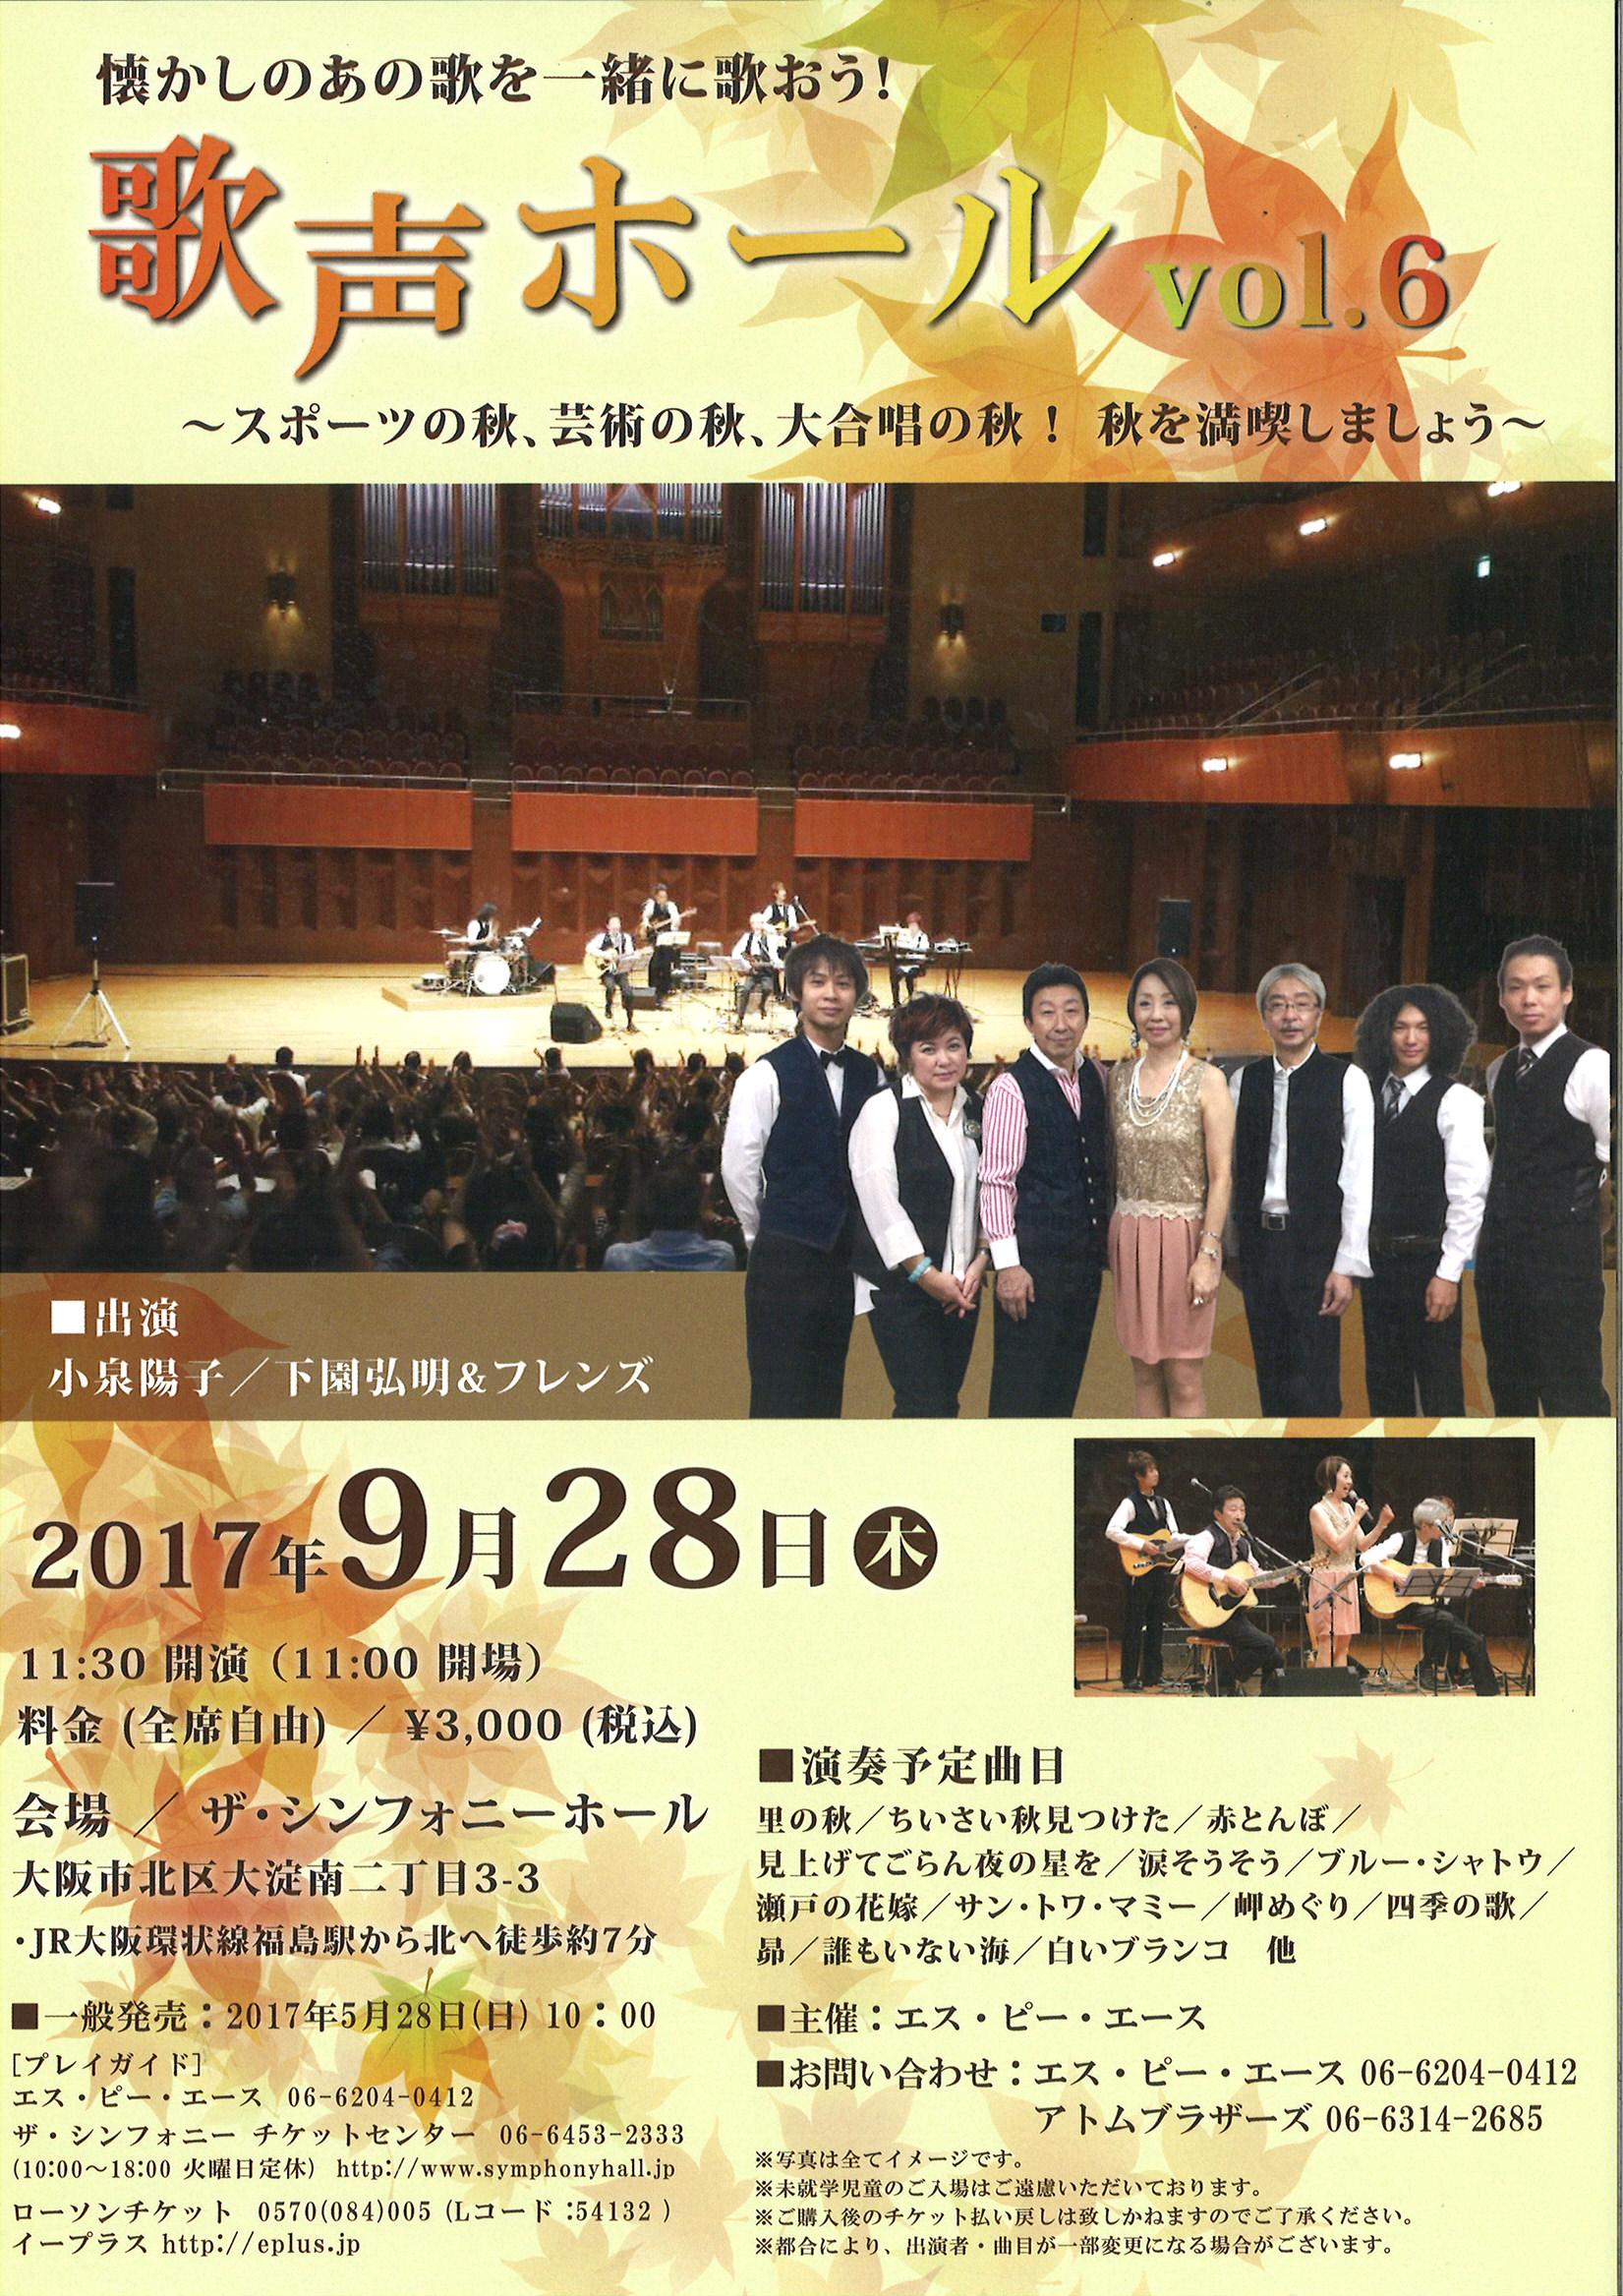 20170928歌声ホール vol.6